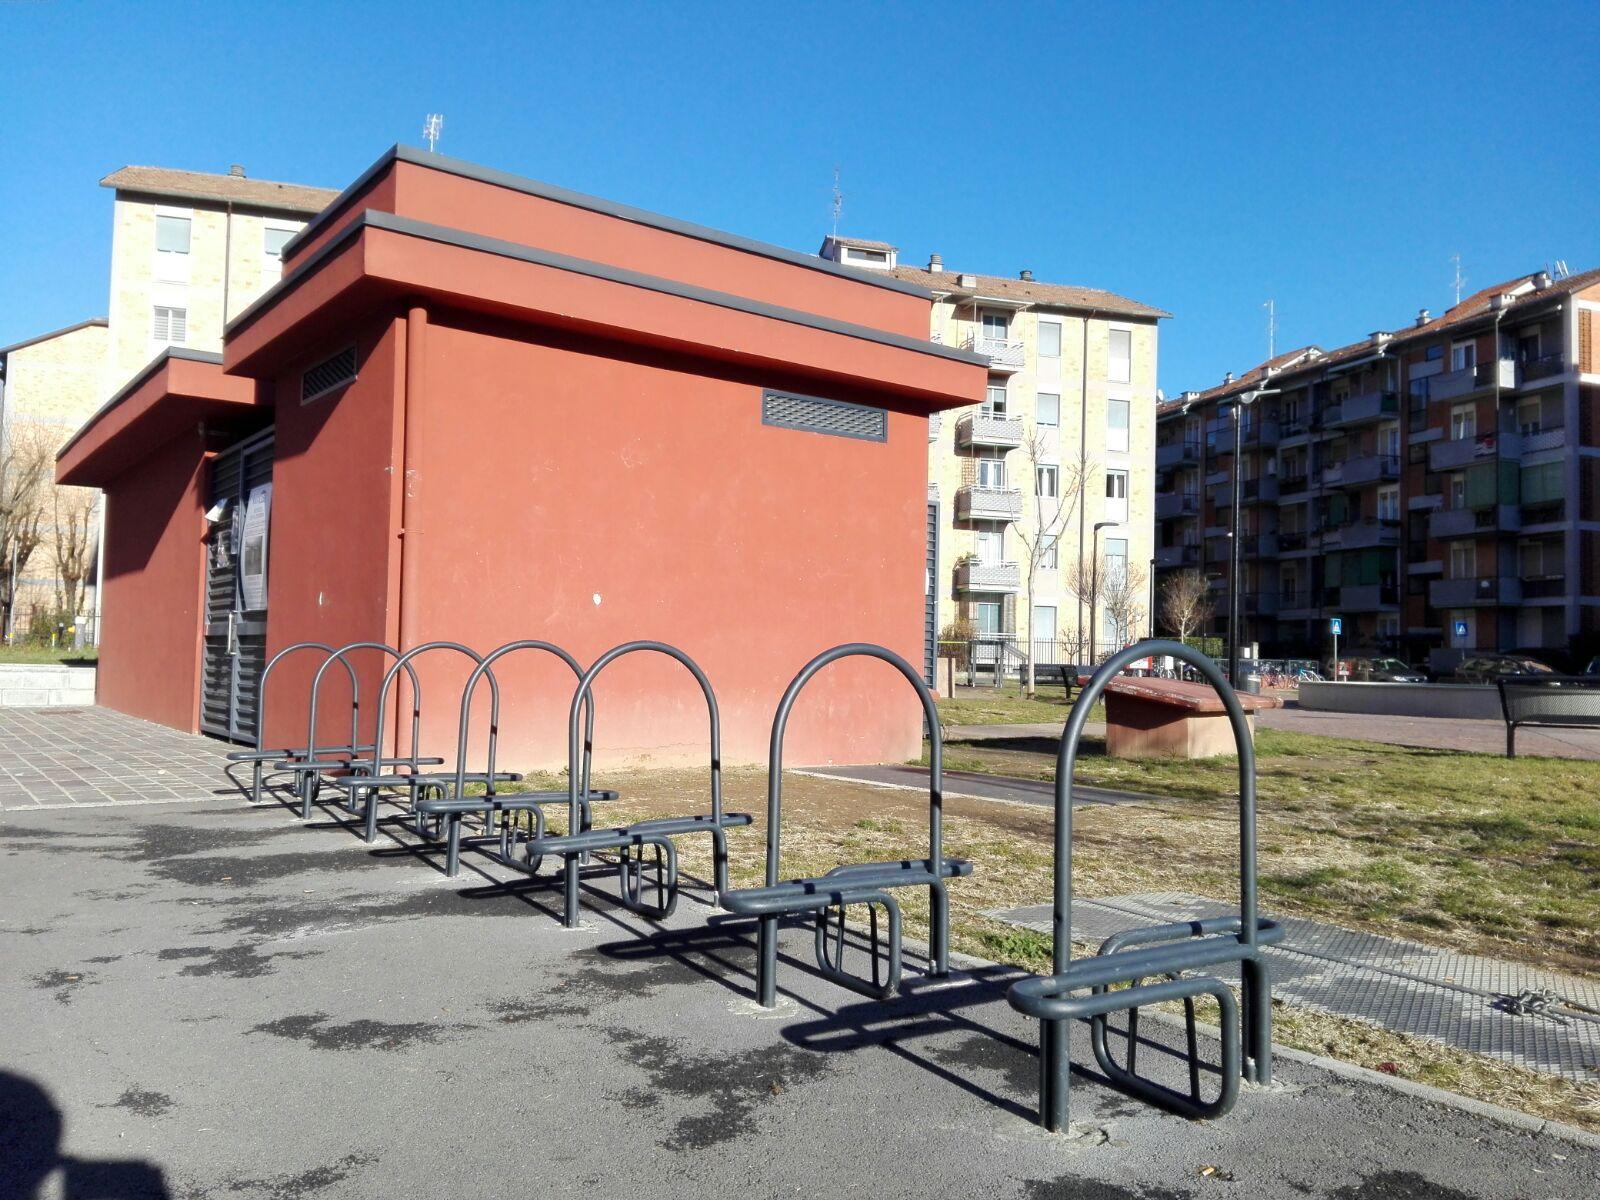 Parcheggio selvaggio biciclette a Cantalupo